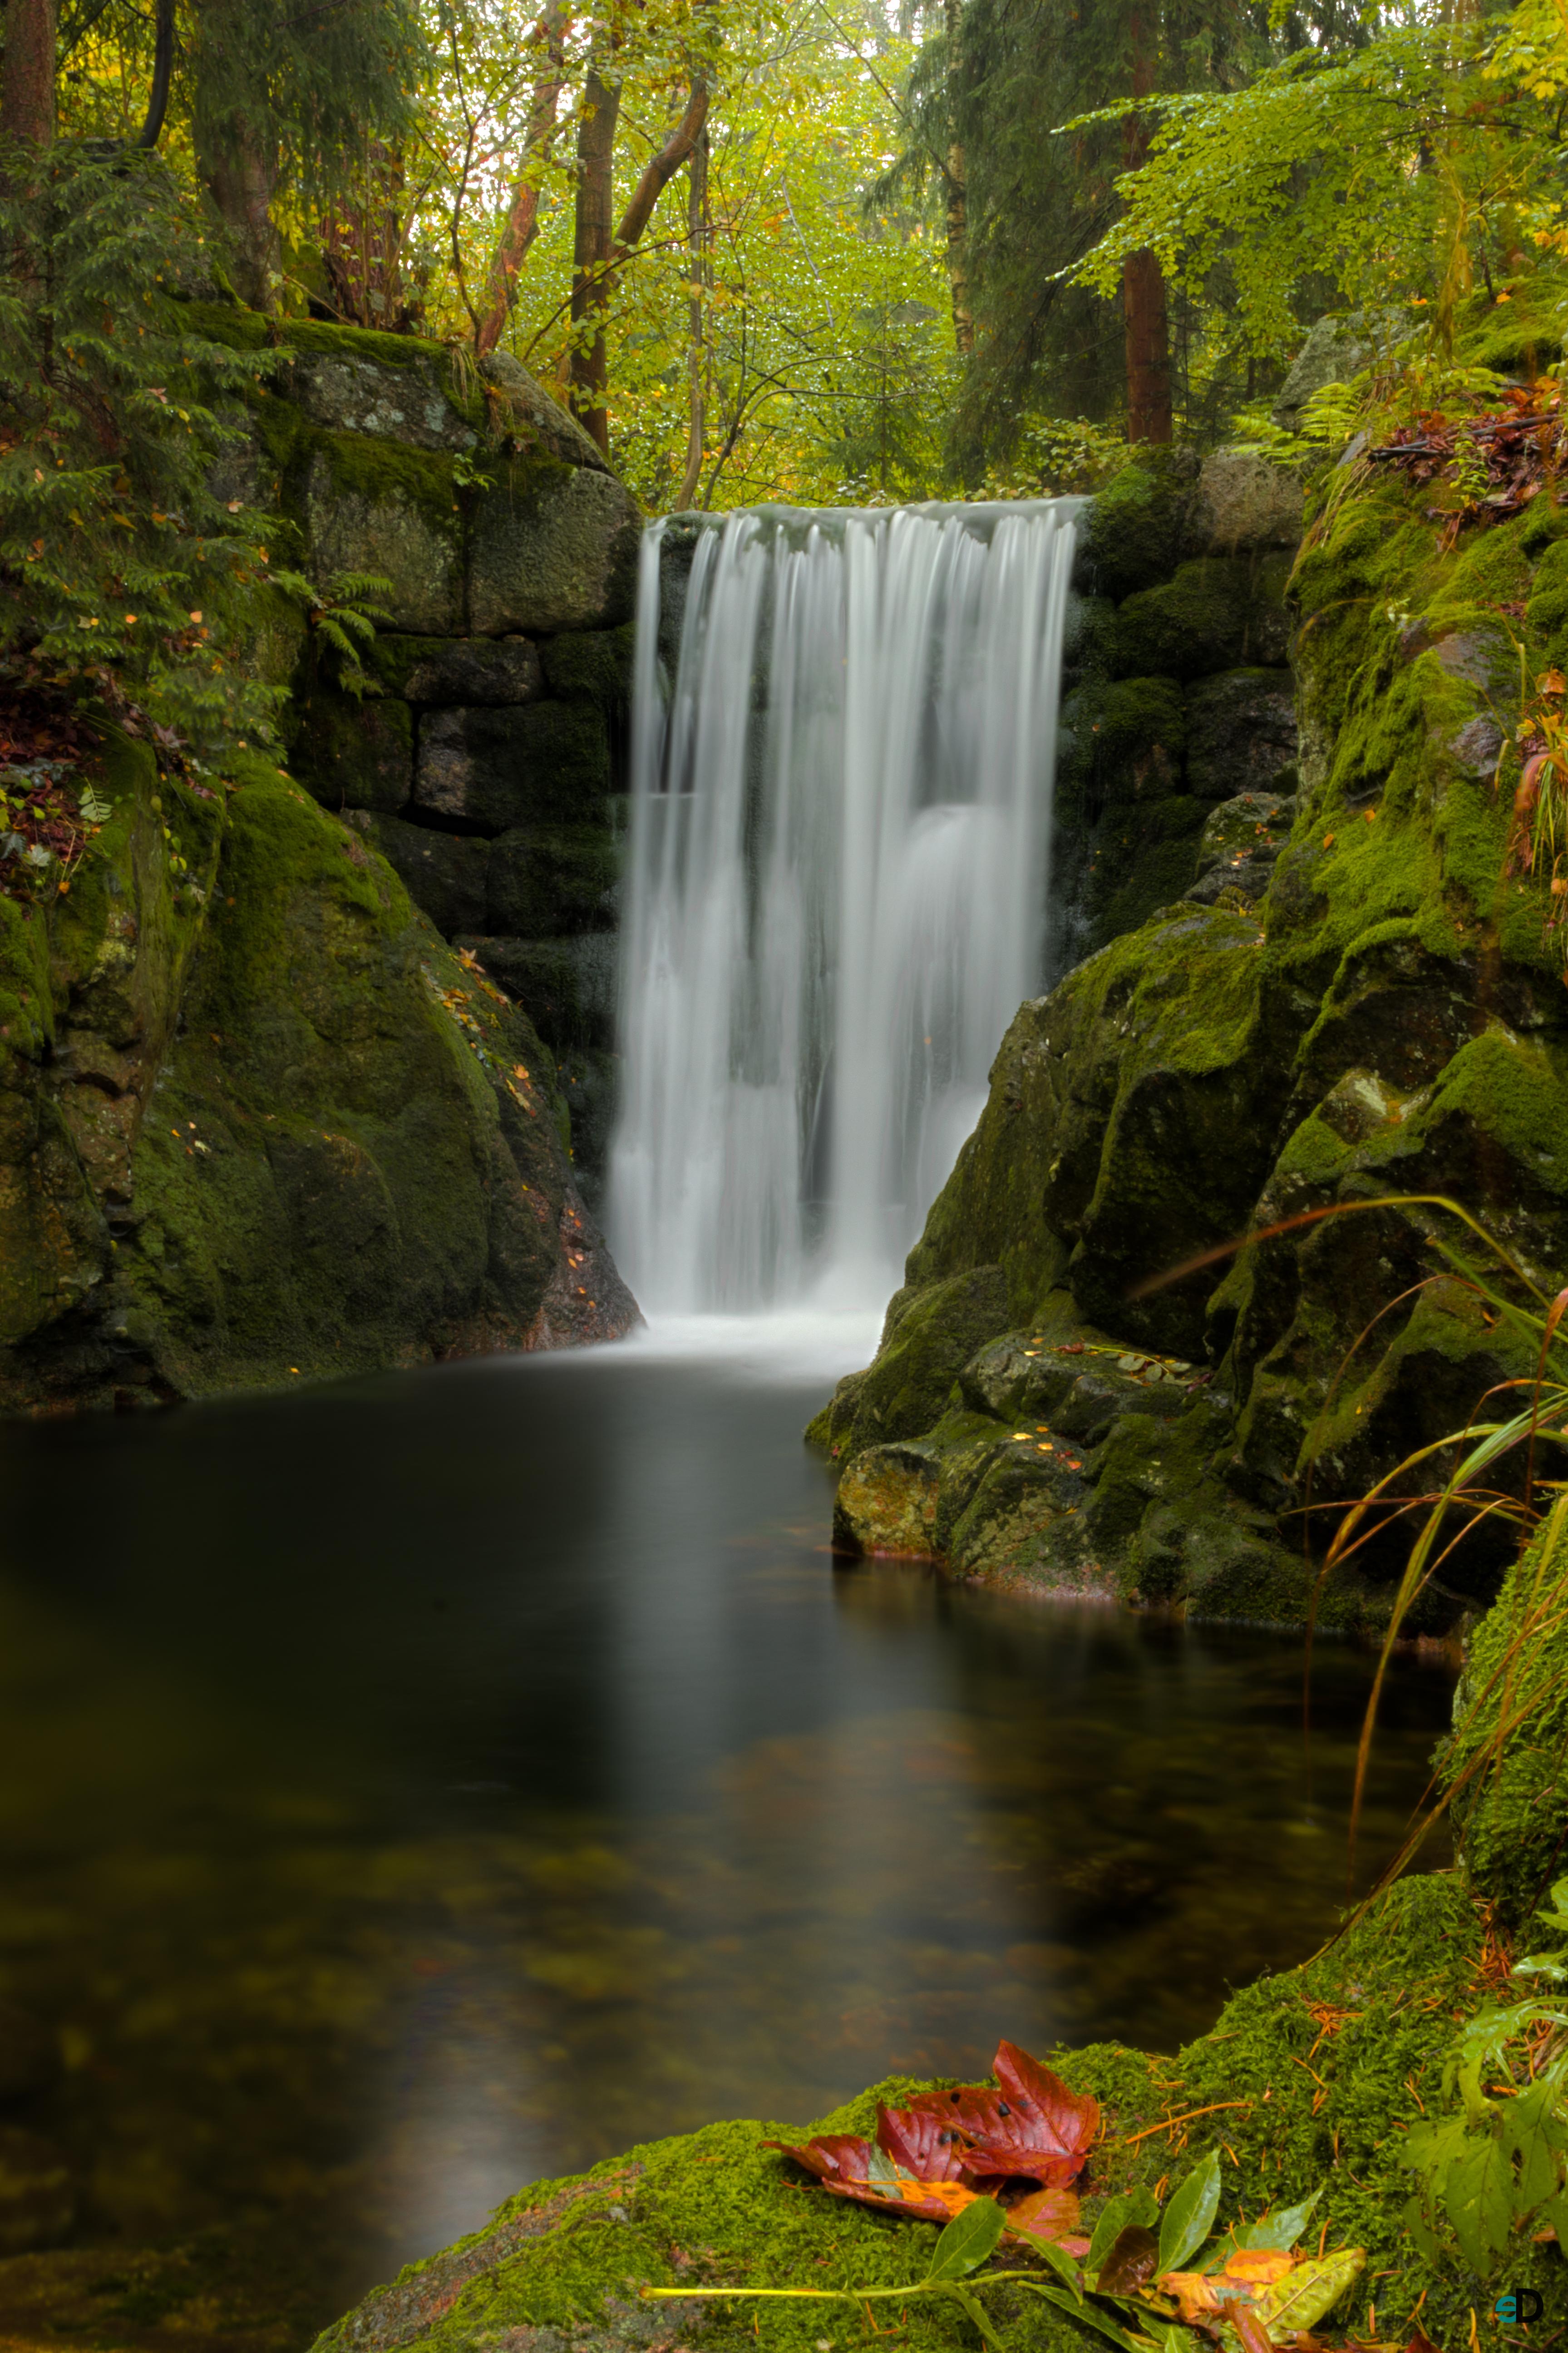 106376 скачать обои Растения, Водопад, Природа, Вода, Листья, Мох - заставки и картинки бесплатно